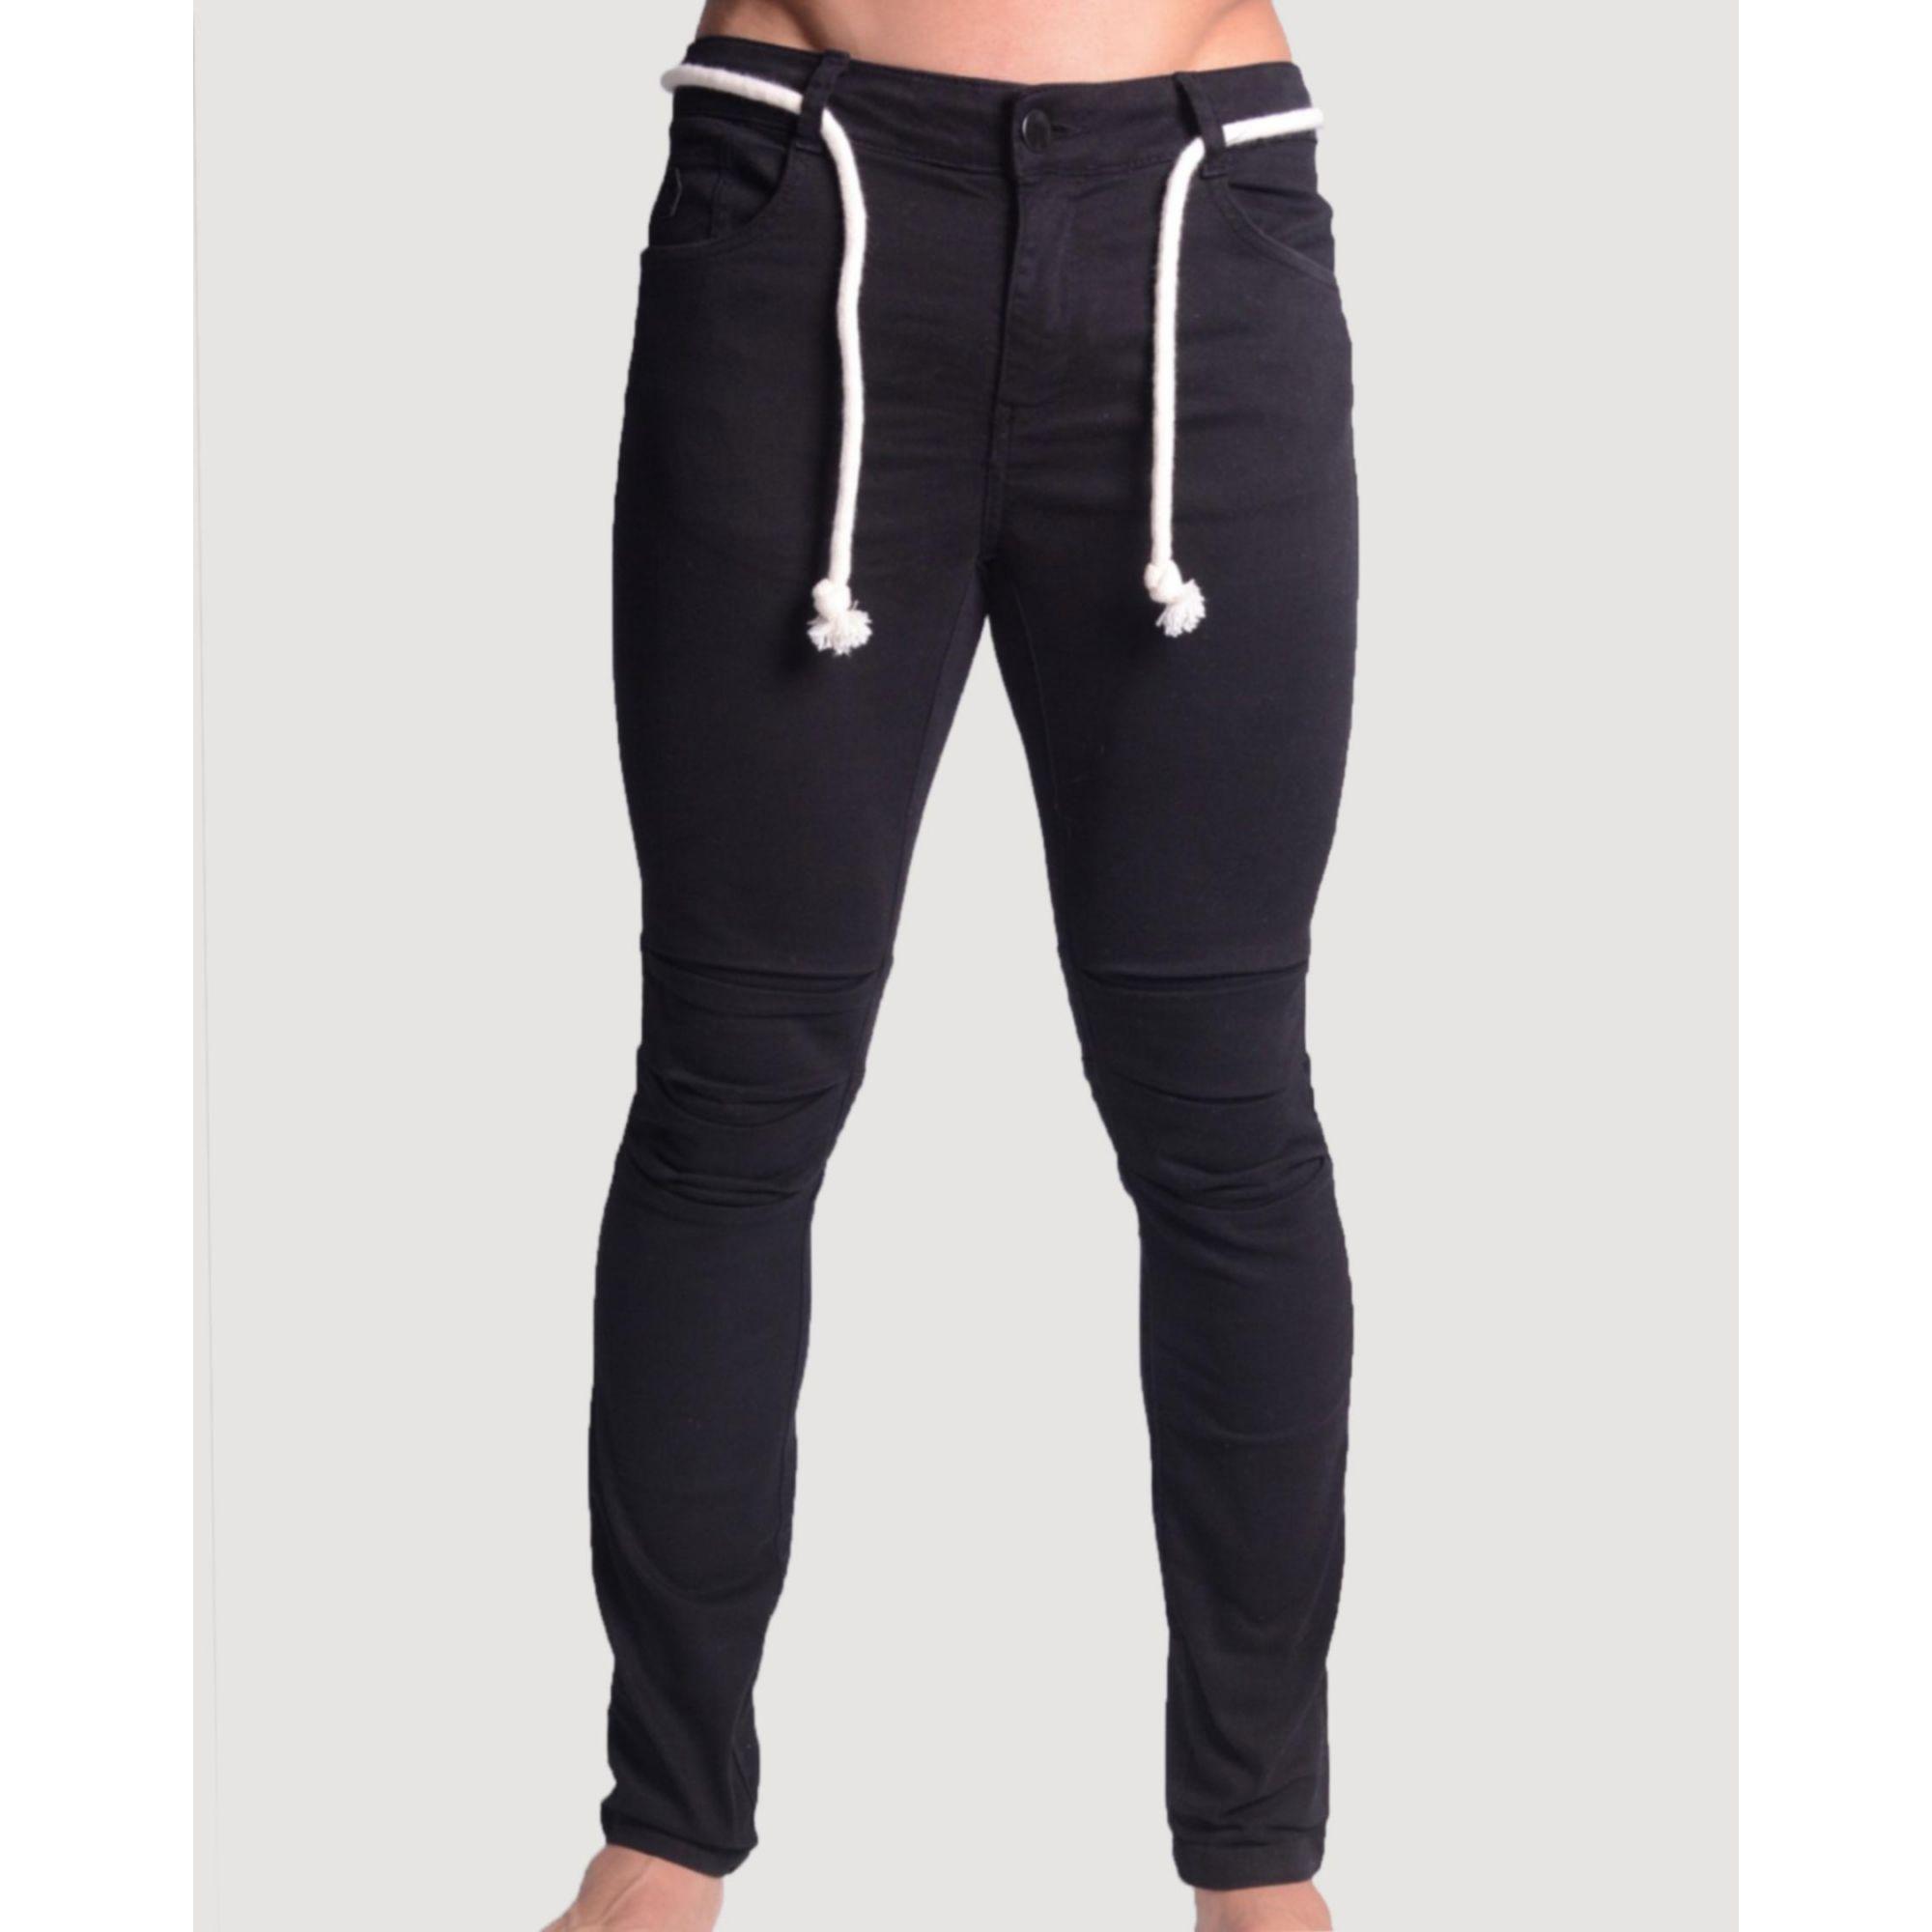 Calça Buh Jeans Cordão Black